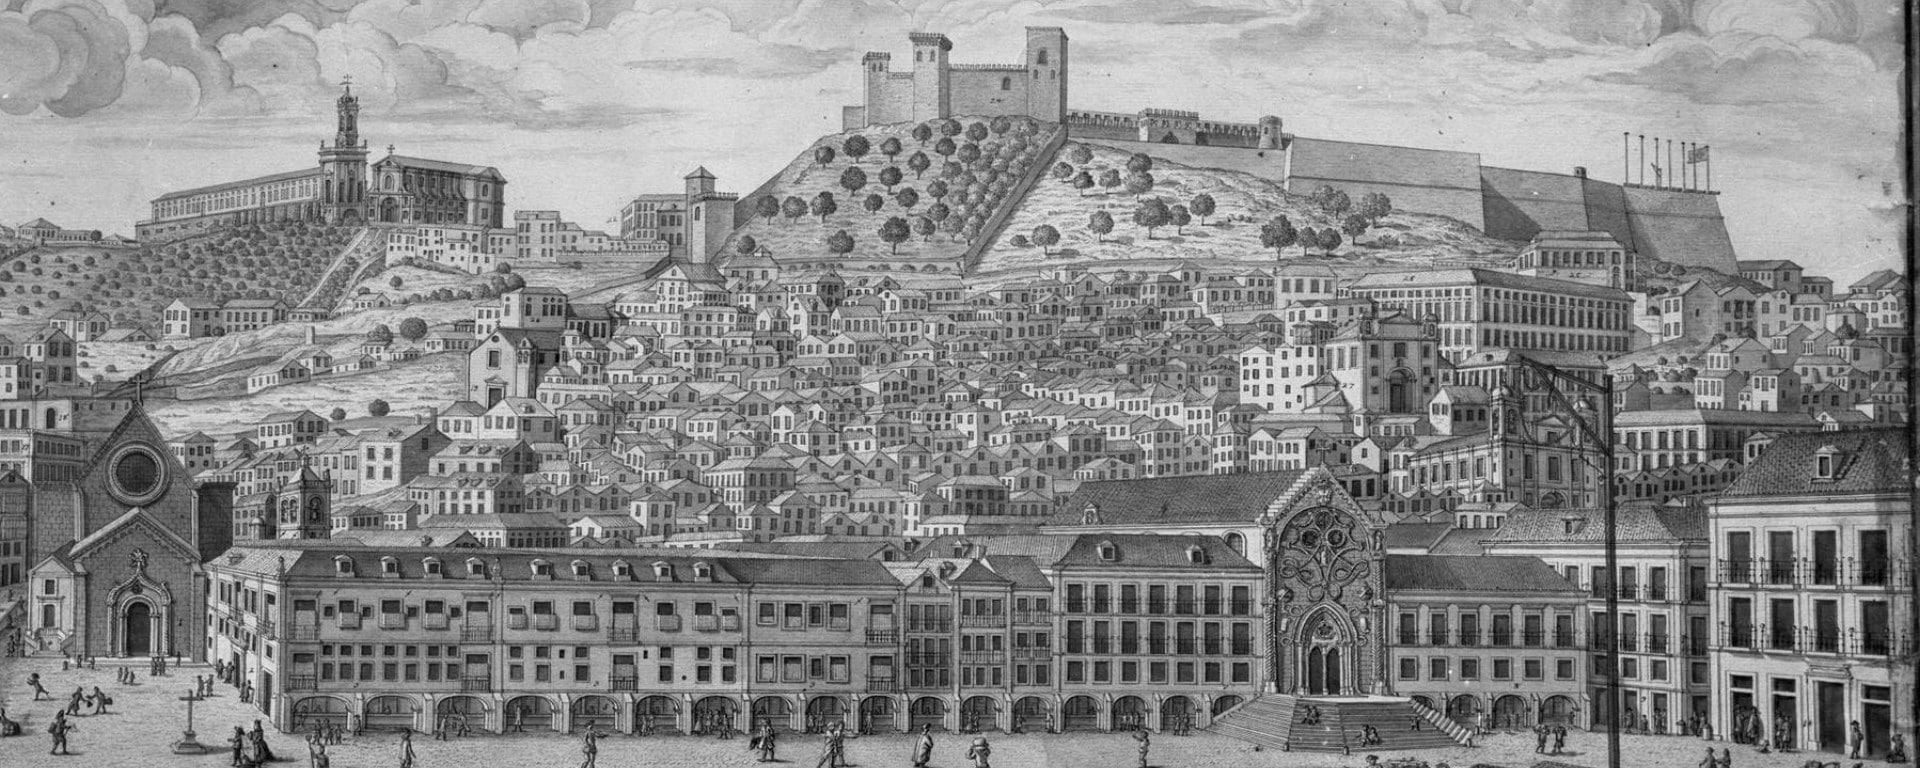 L'histoire de Lisbonne